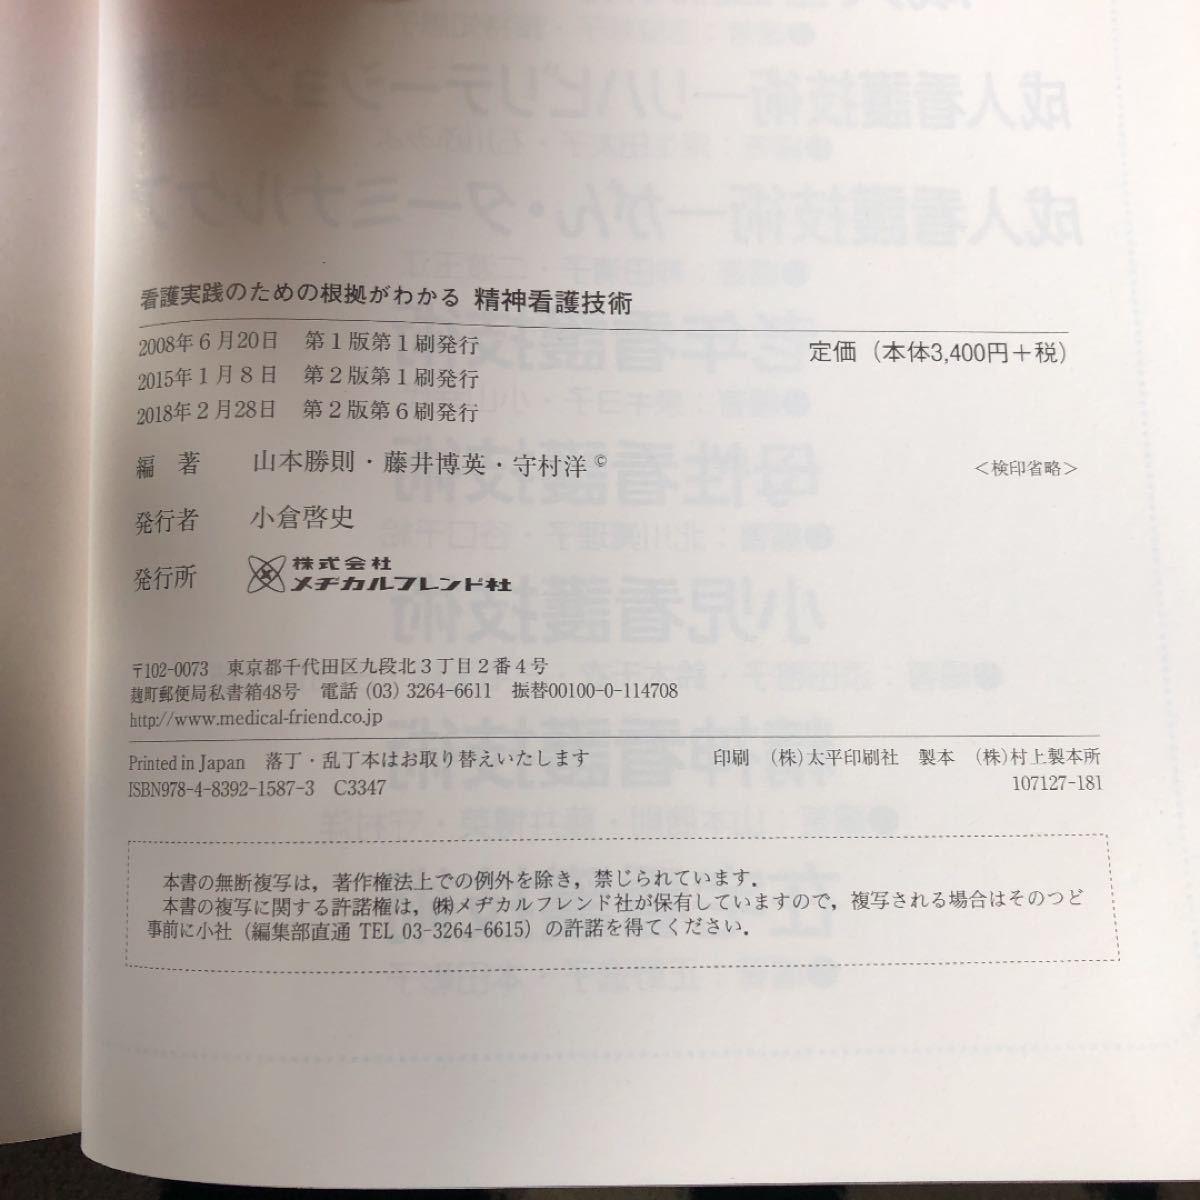 精神看護技術/山本勝則/藤井博英/守村洋